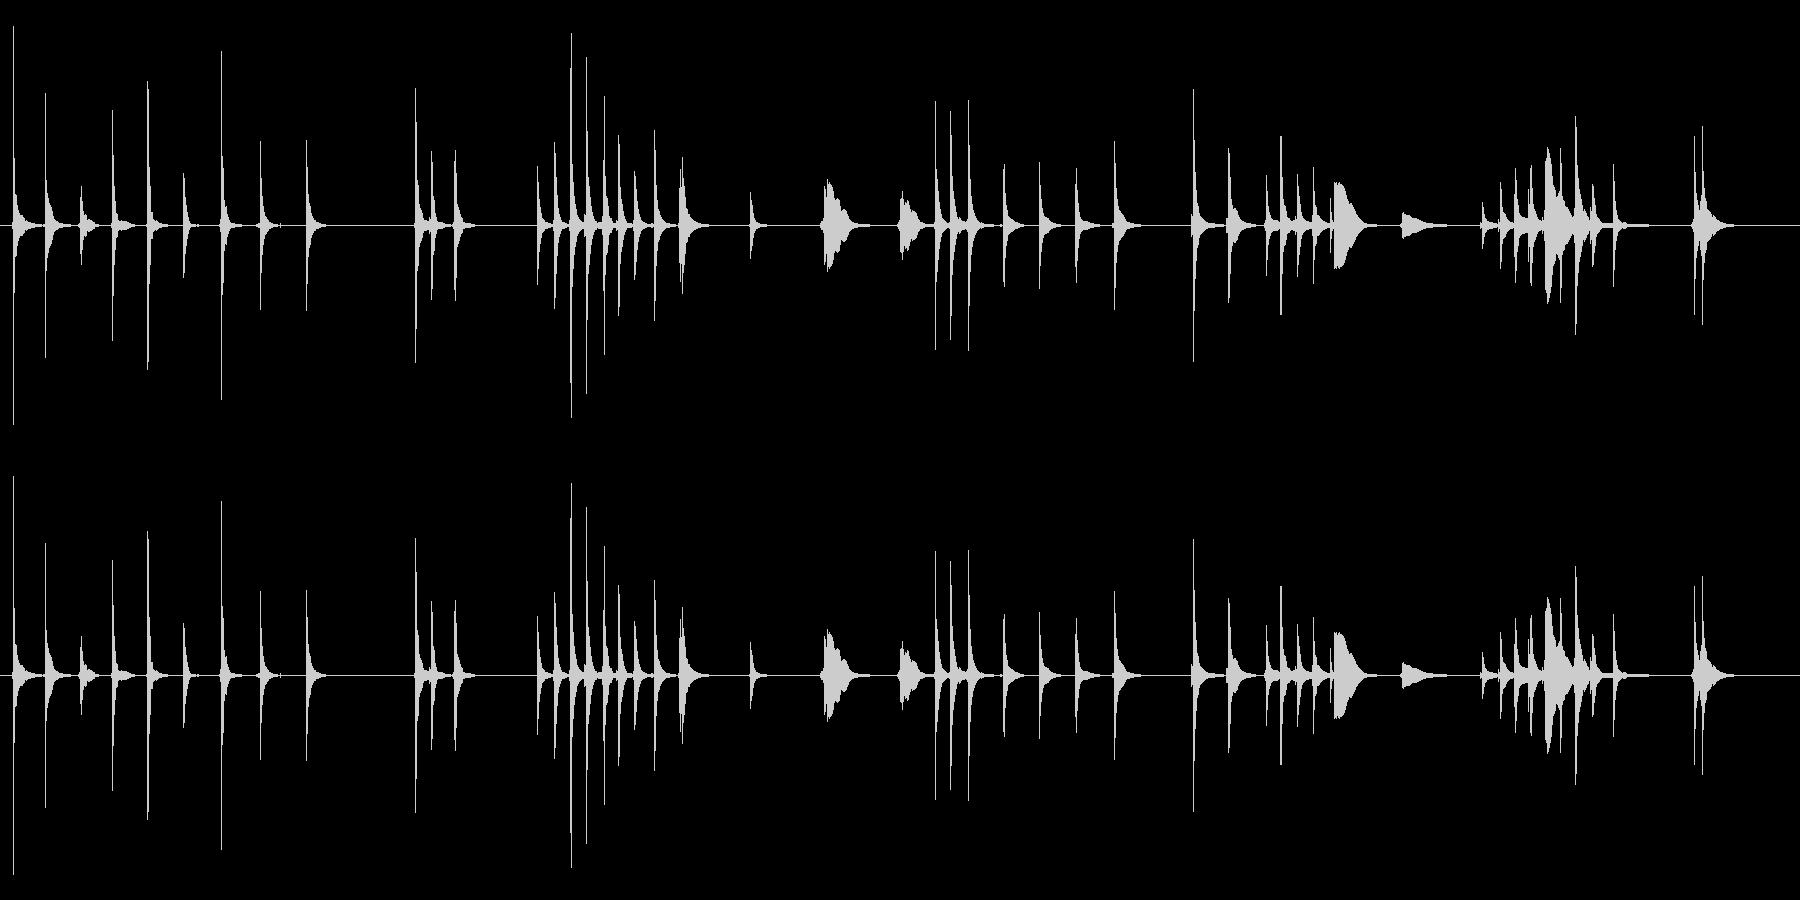 三味線131鷺娘29死ぬ合方短い方妖怪鷺の未再生の波形